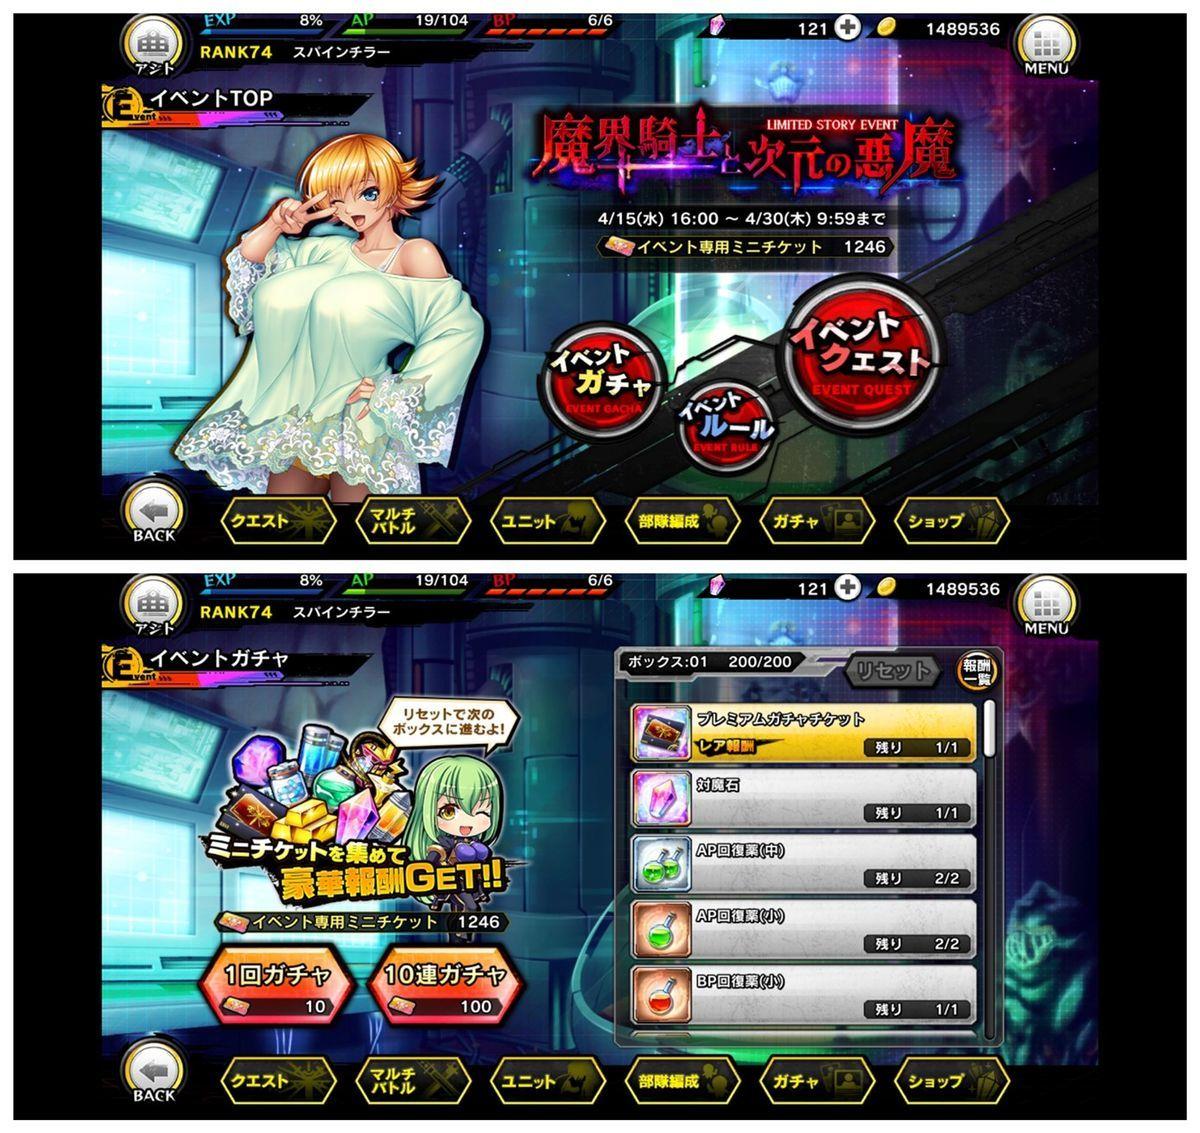 対魔忍RPGX 対魔忍RPG ソーシャルゲーム 魔界騎士と次元の悪魔